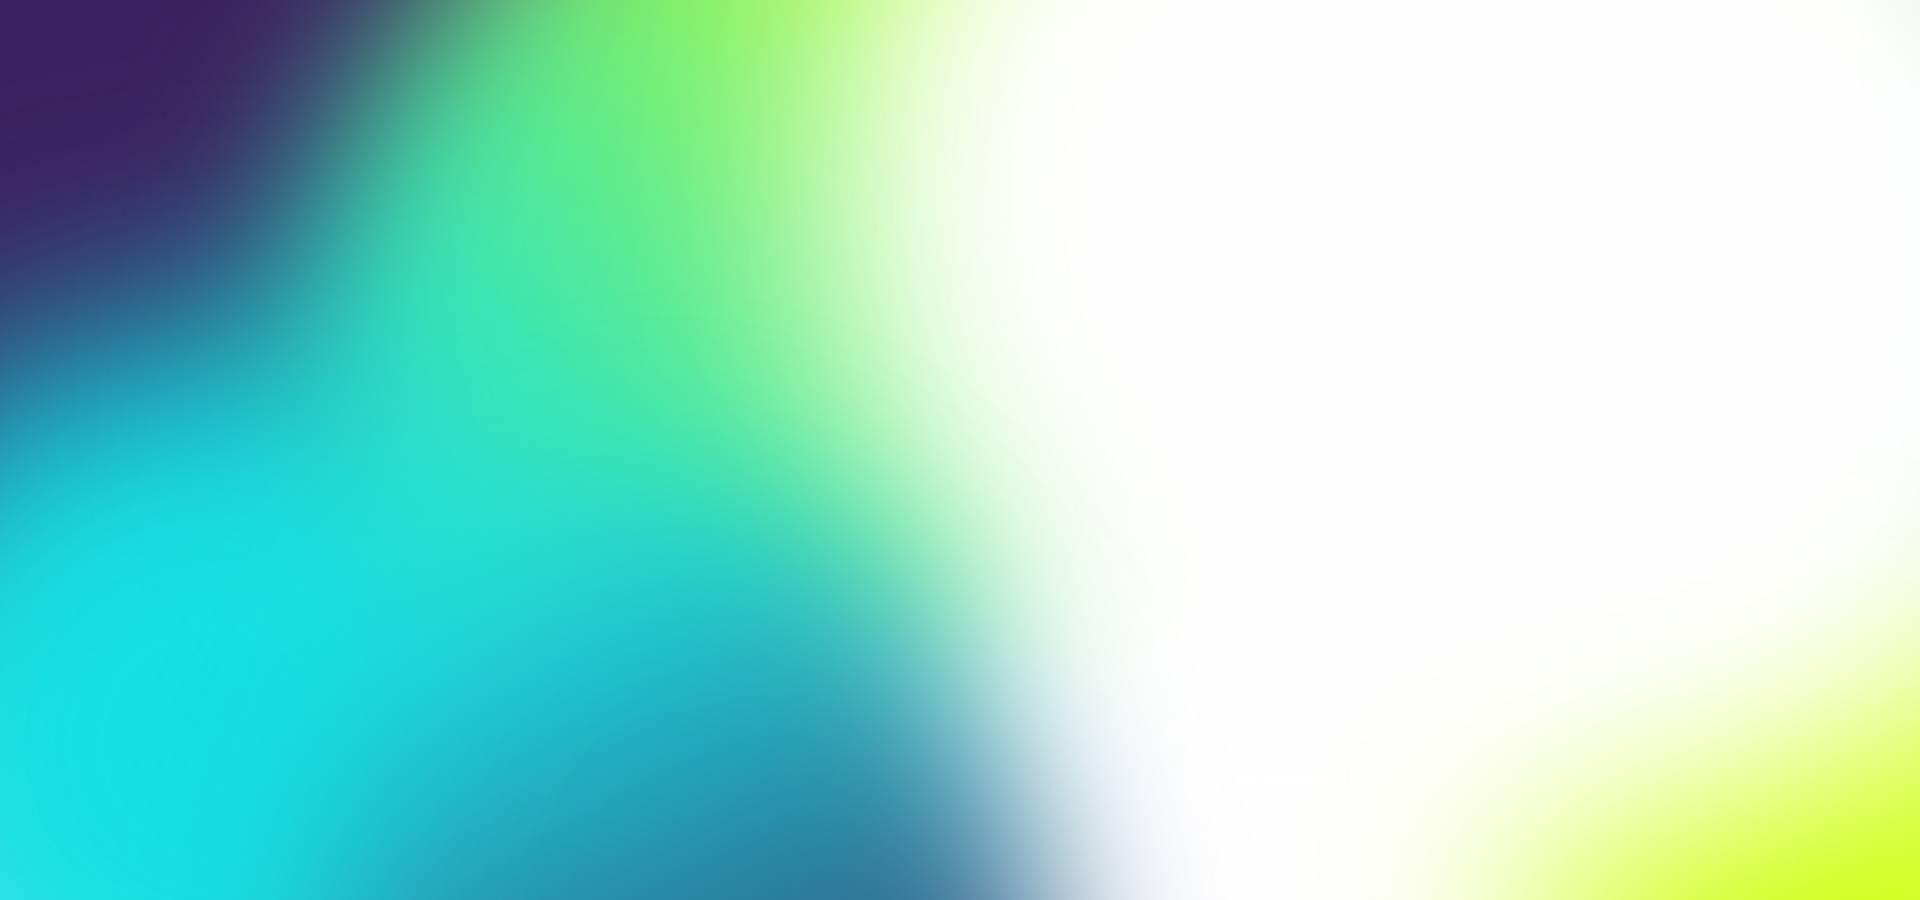 Scp blur wide